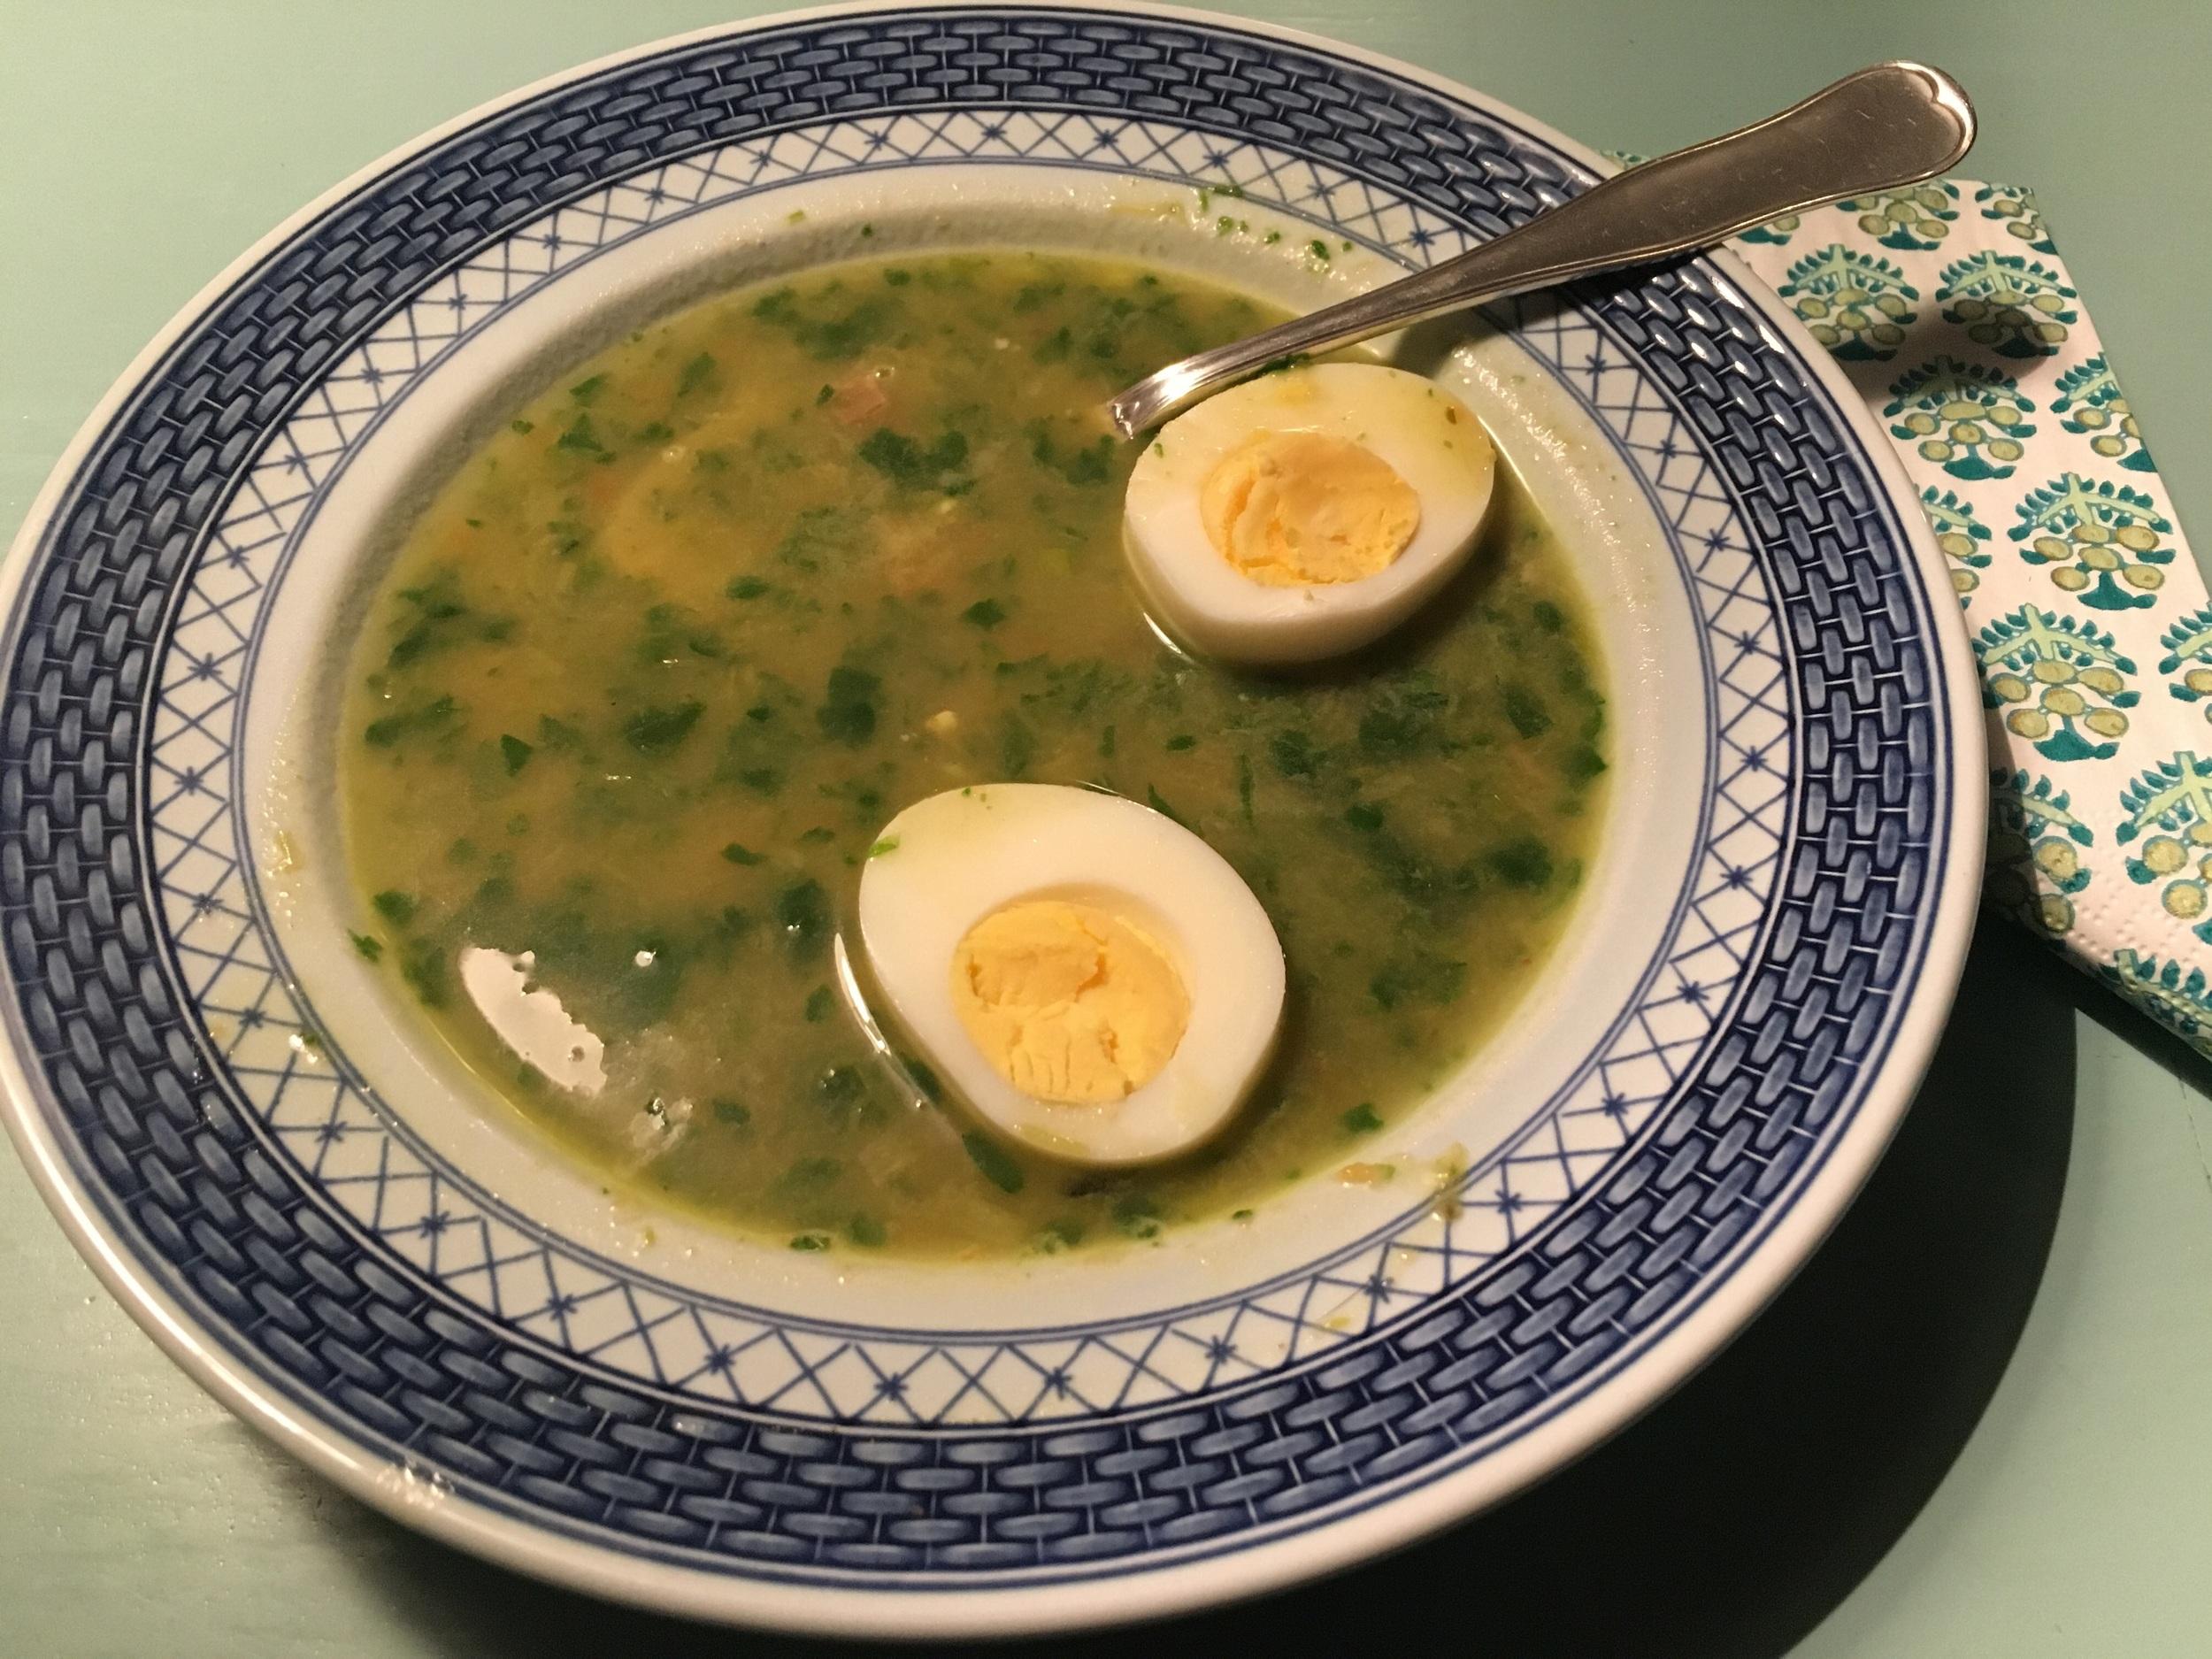 Suppe med egg er klassisk mandagsmiddag hos oss. #kjøttfri #restemiddag #matvett